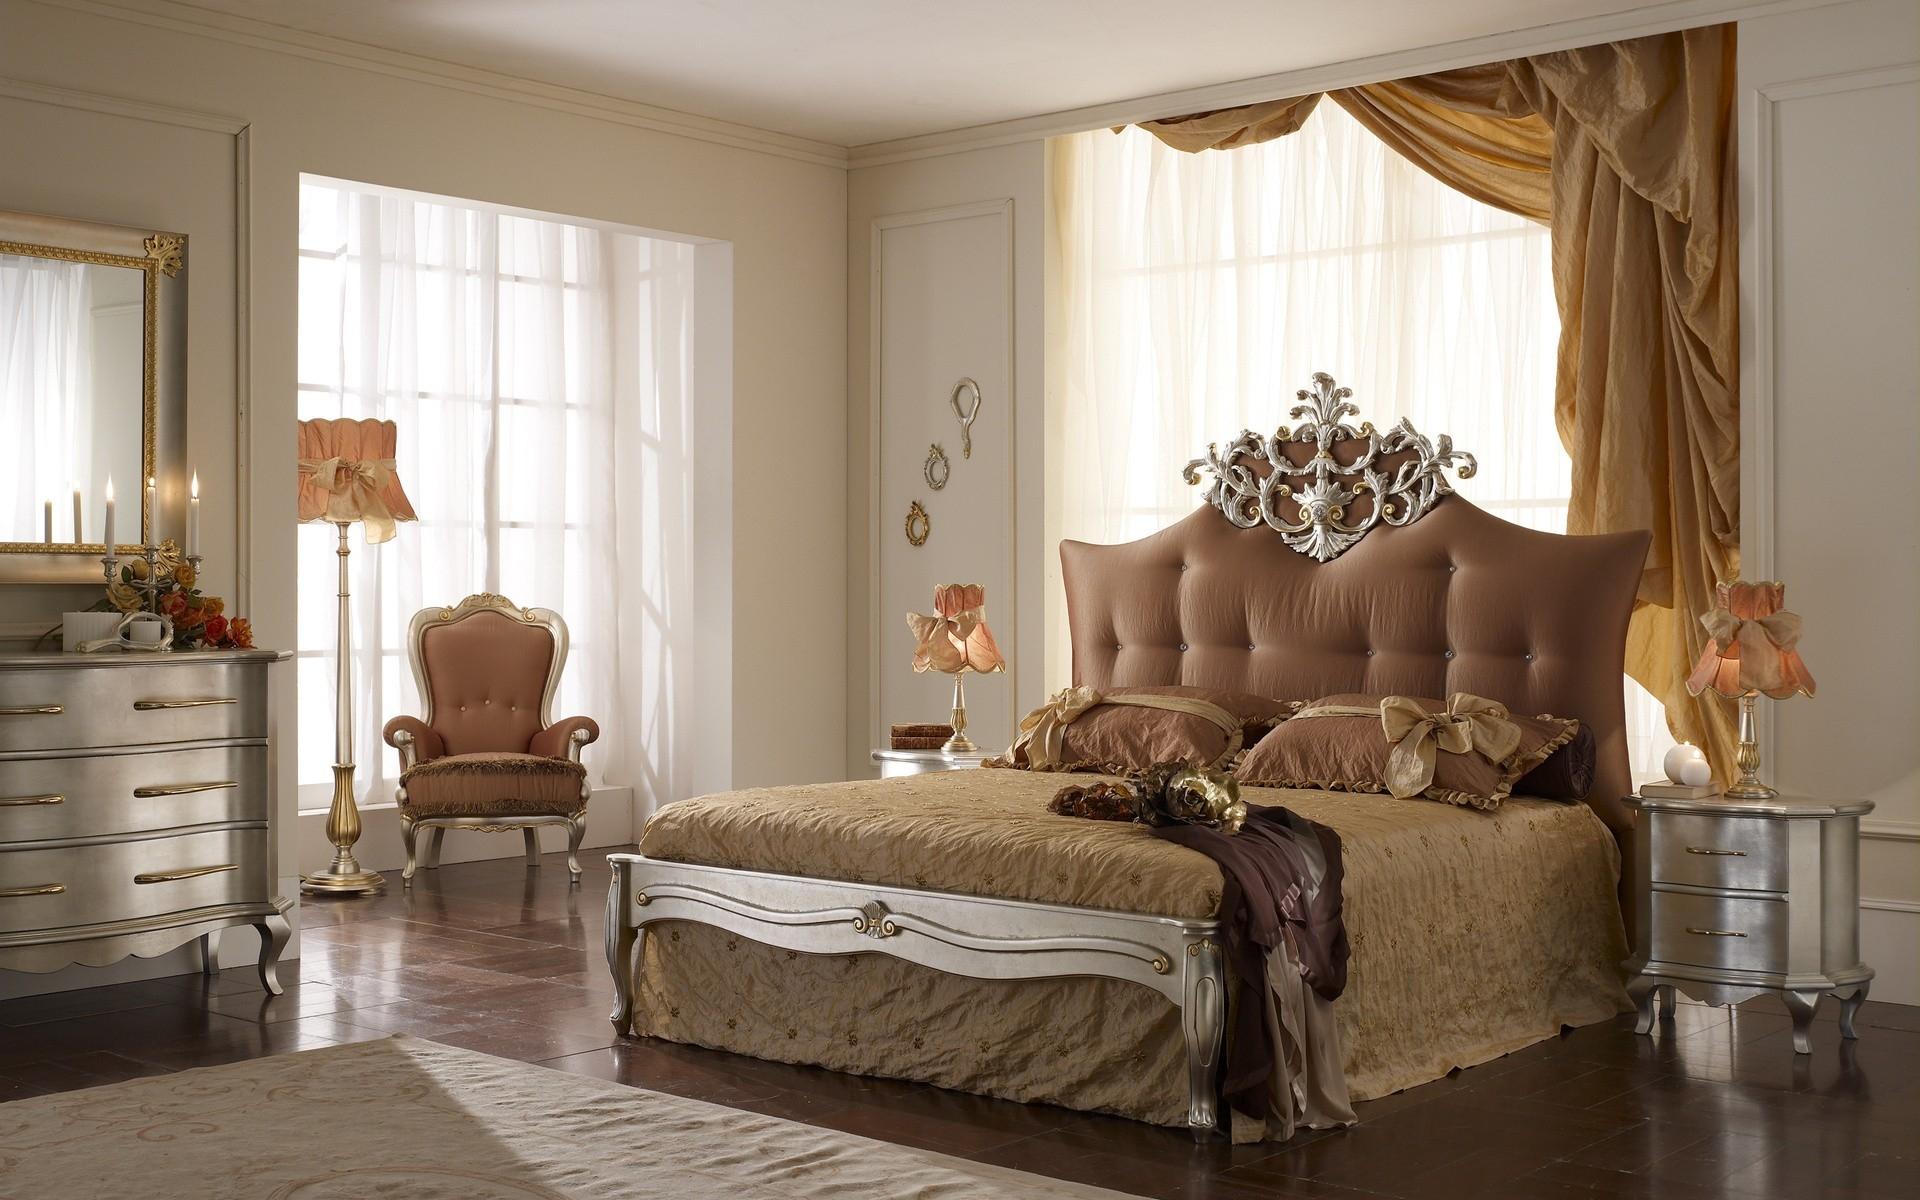 Zimmer Bett Holz Vorhang Schlafzimmer Innenarchitektur Immobilien Schön  Dekoration Entwurf Stock Zuhause Hartholz Möbel Textil